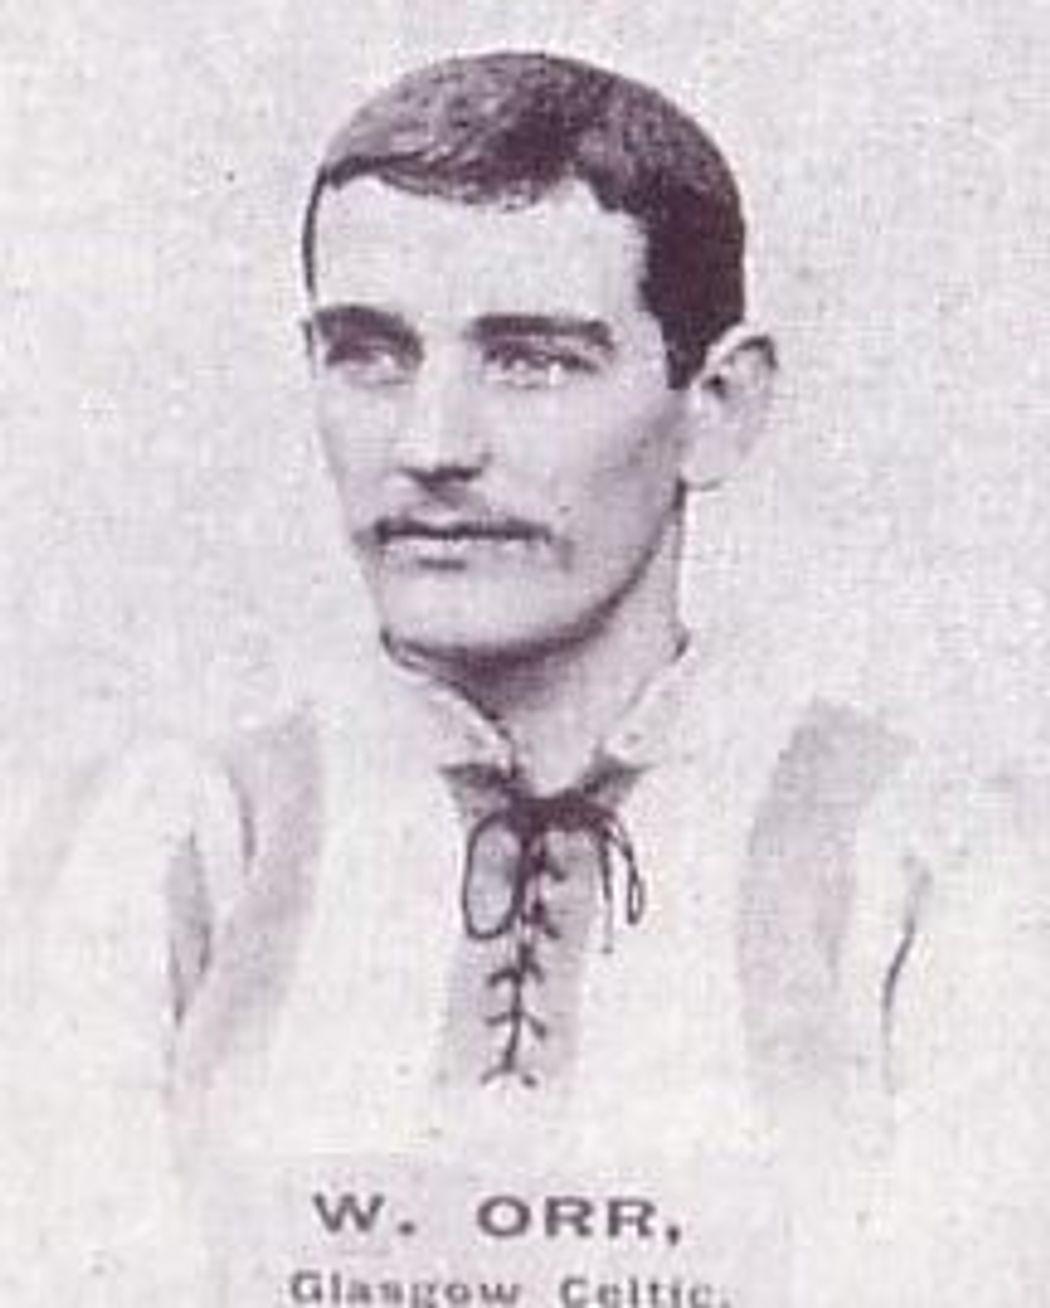 Willie Orr